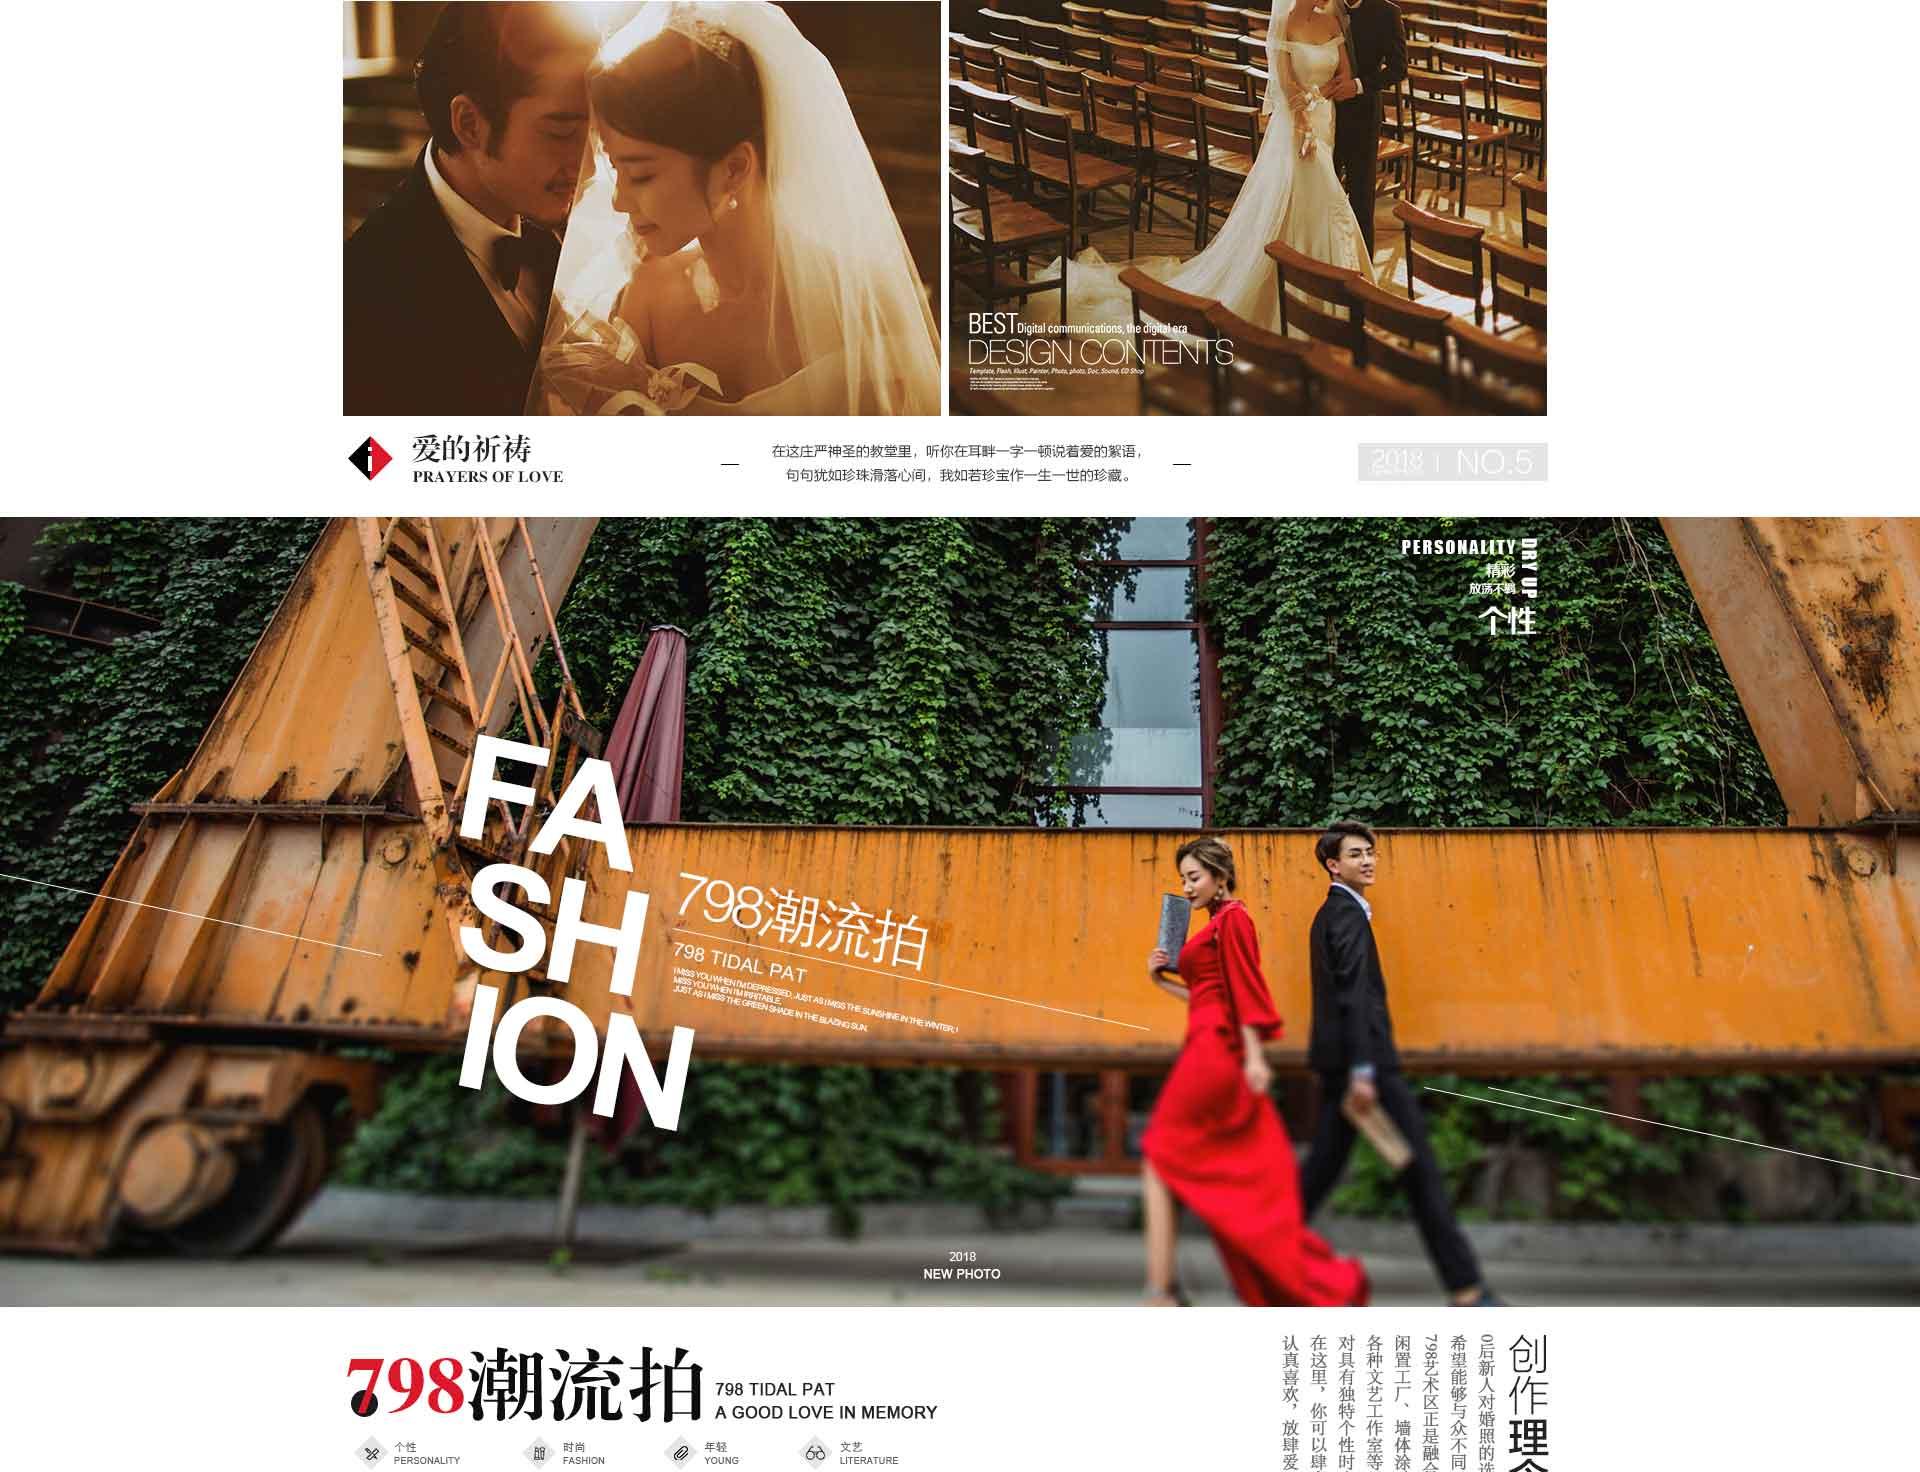 北京爱情长图-预览_12.jpg